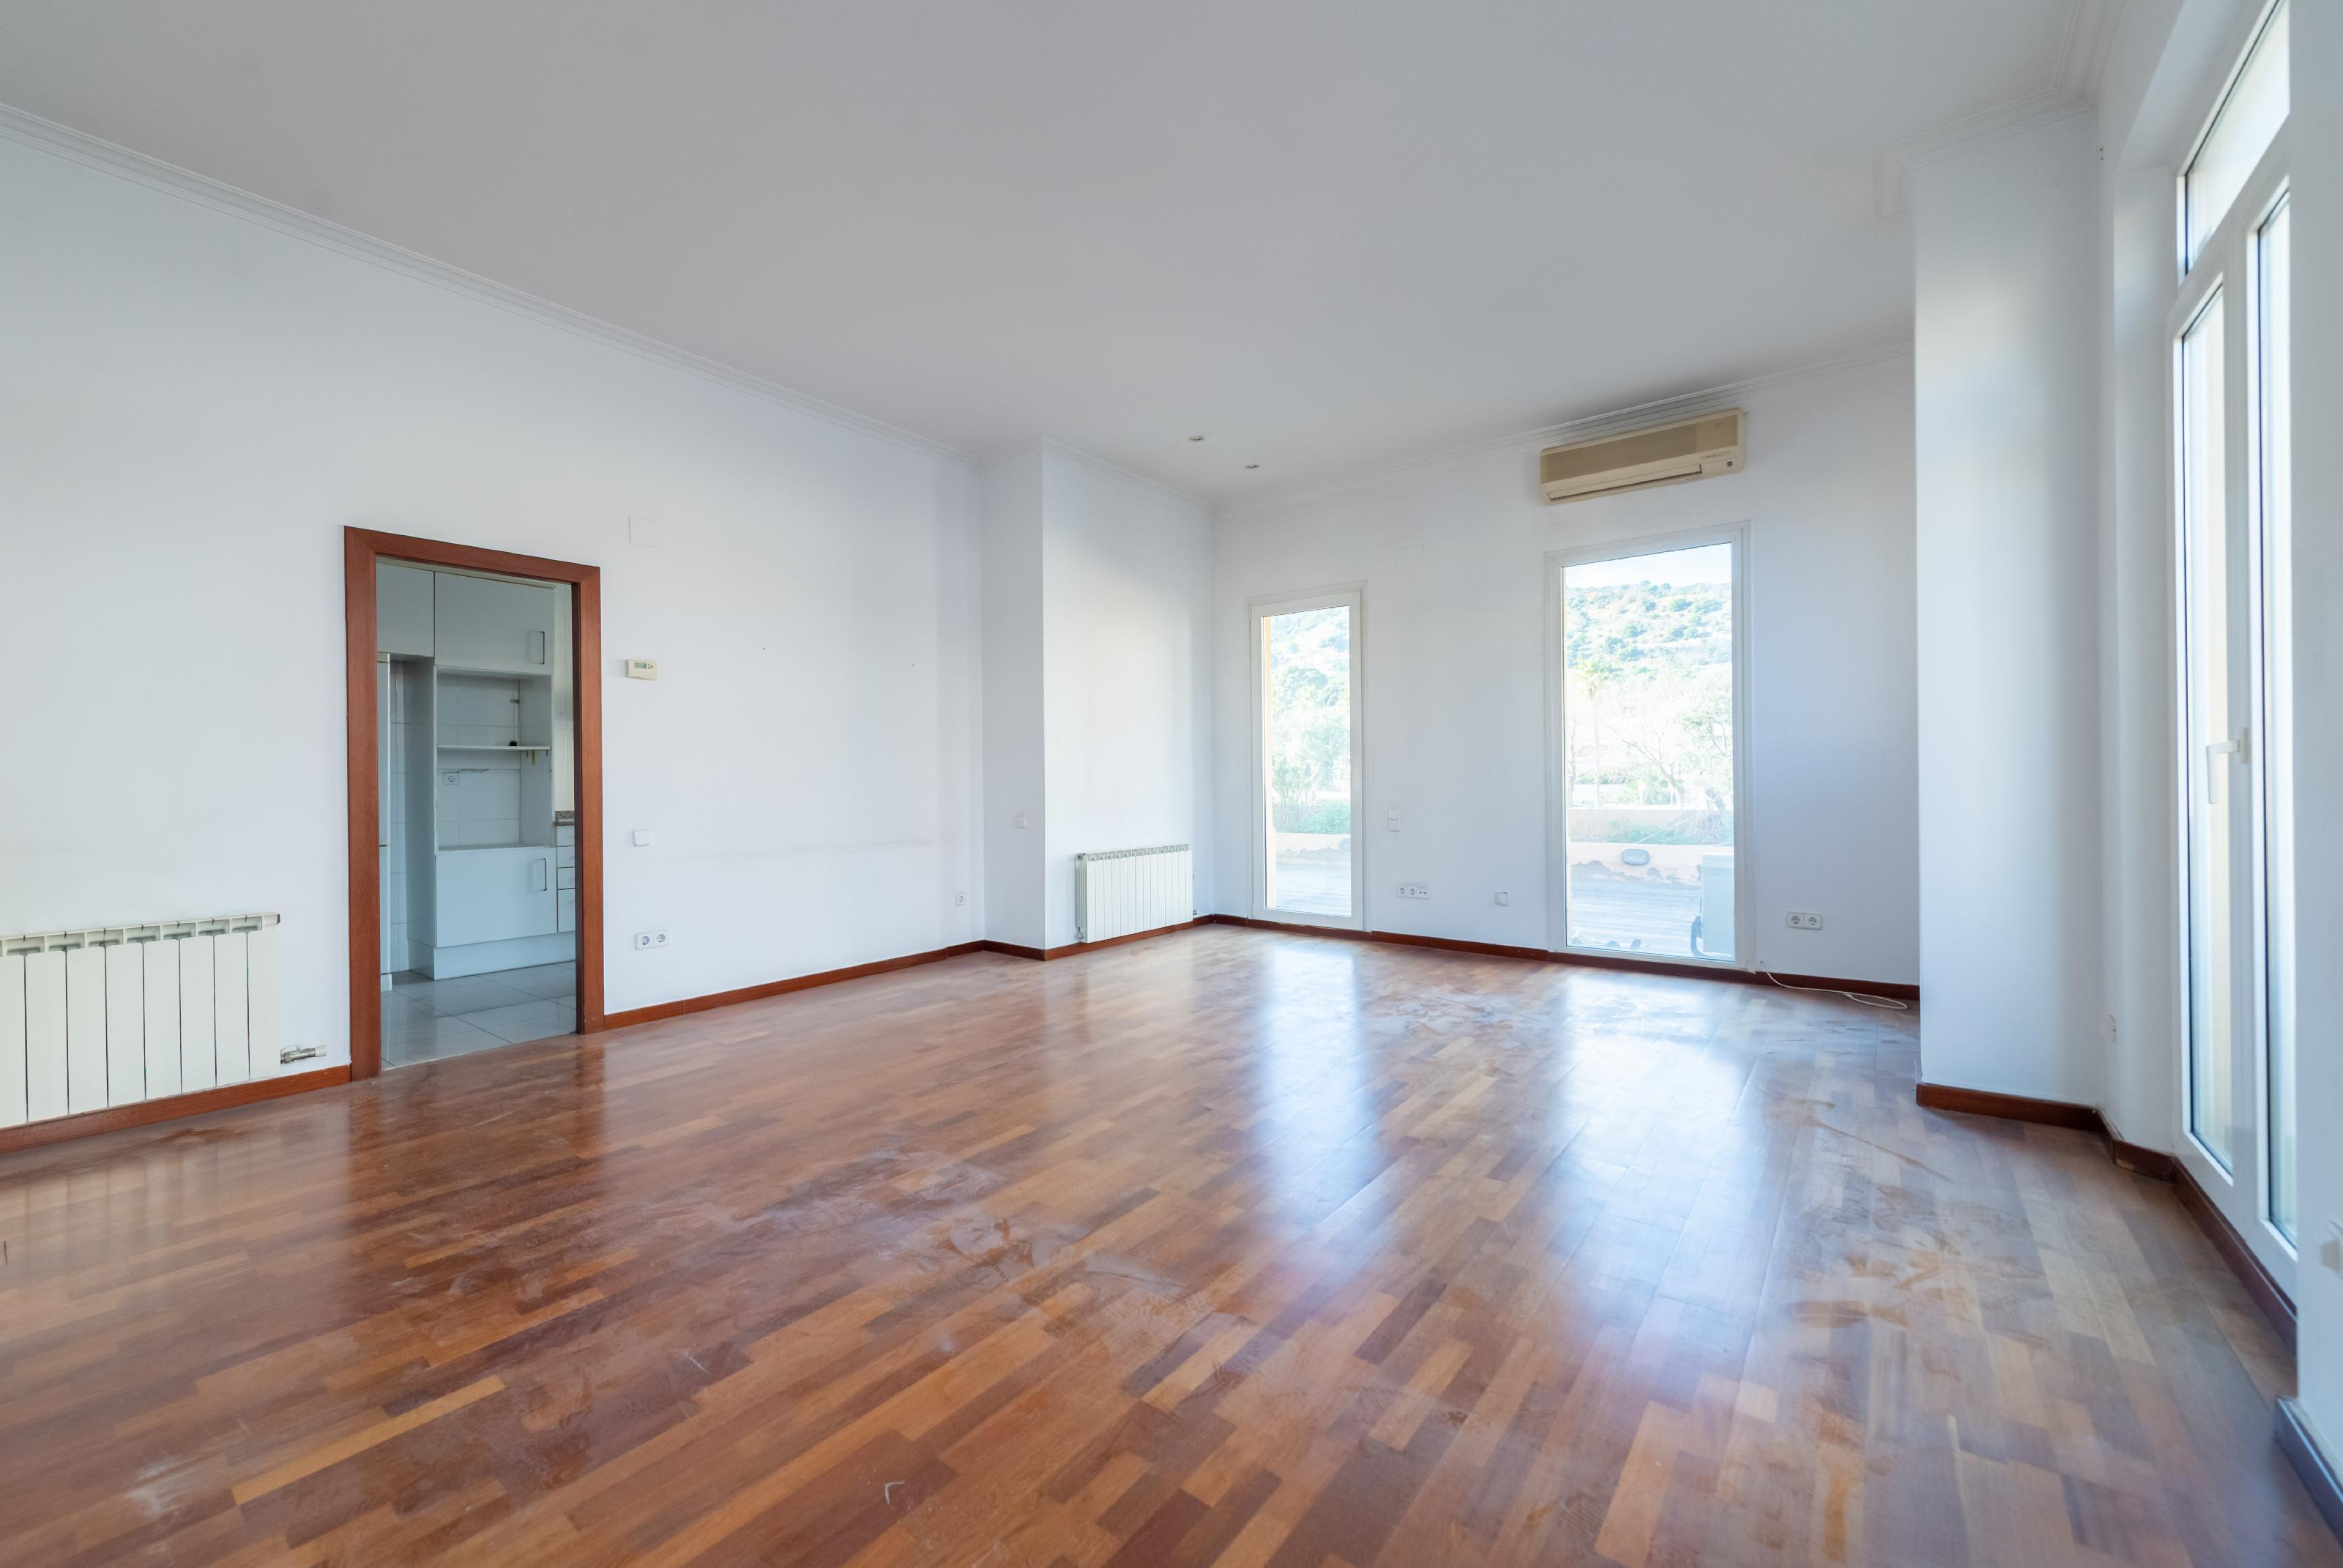 246020 Flat for sale in Sarrià-Sant Gervasi, Sarrià 10